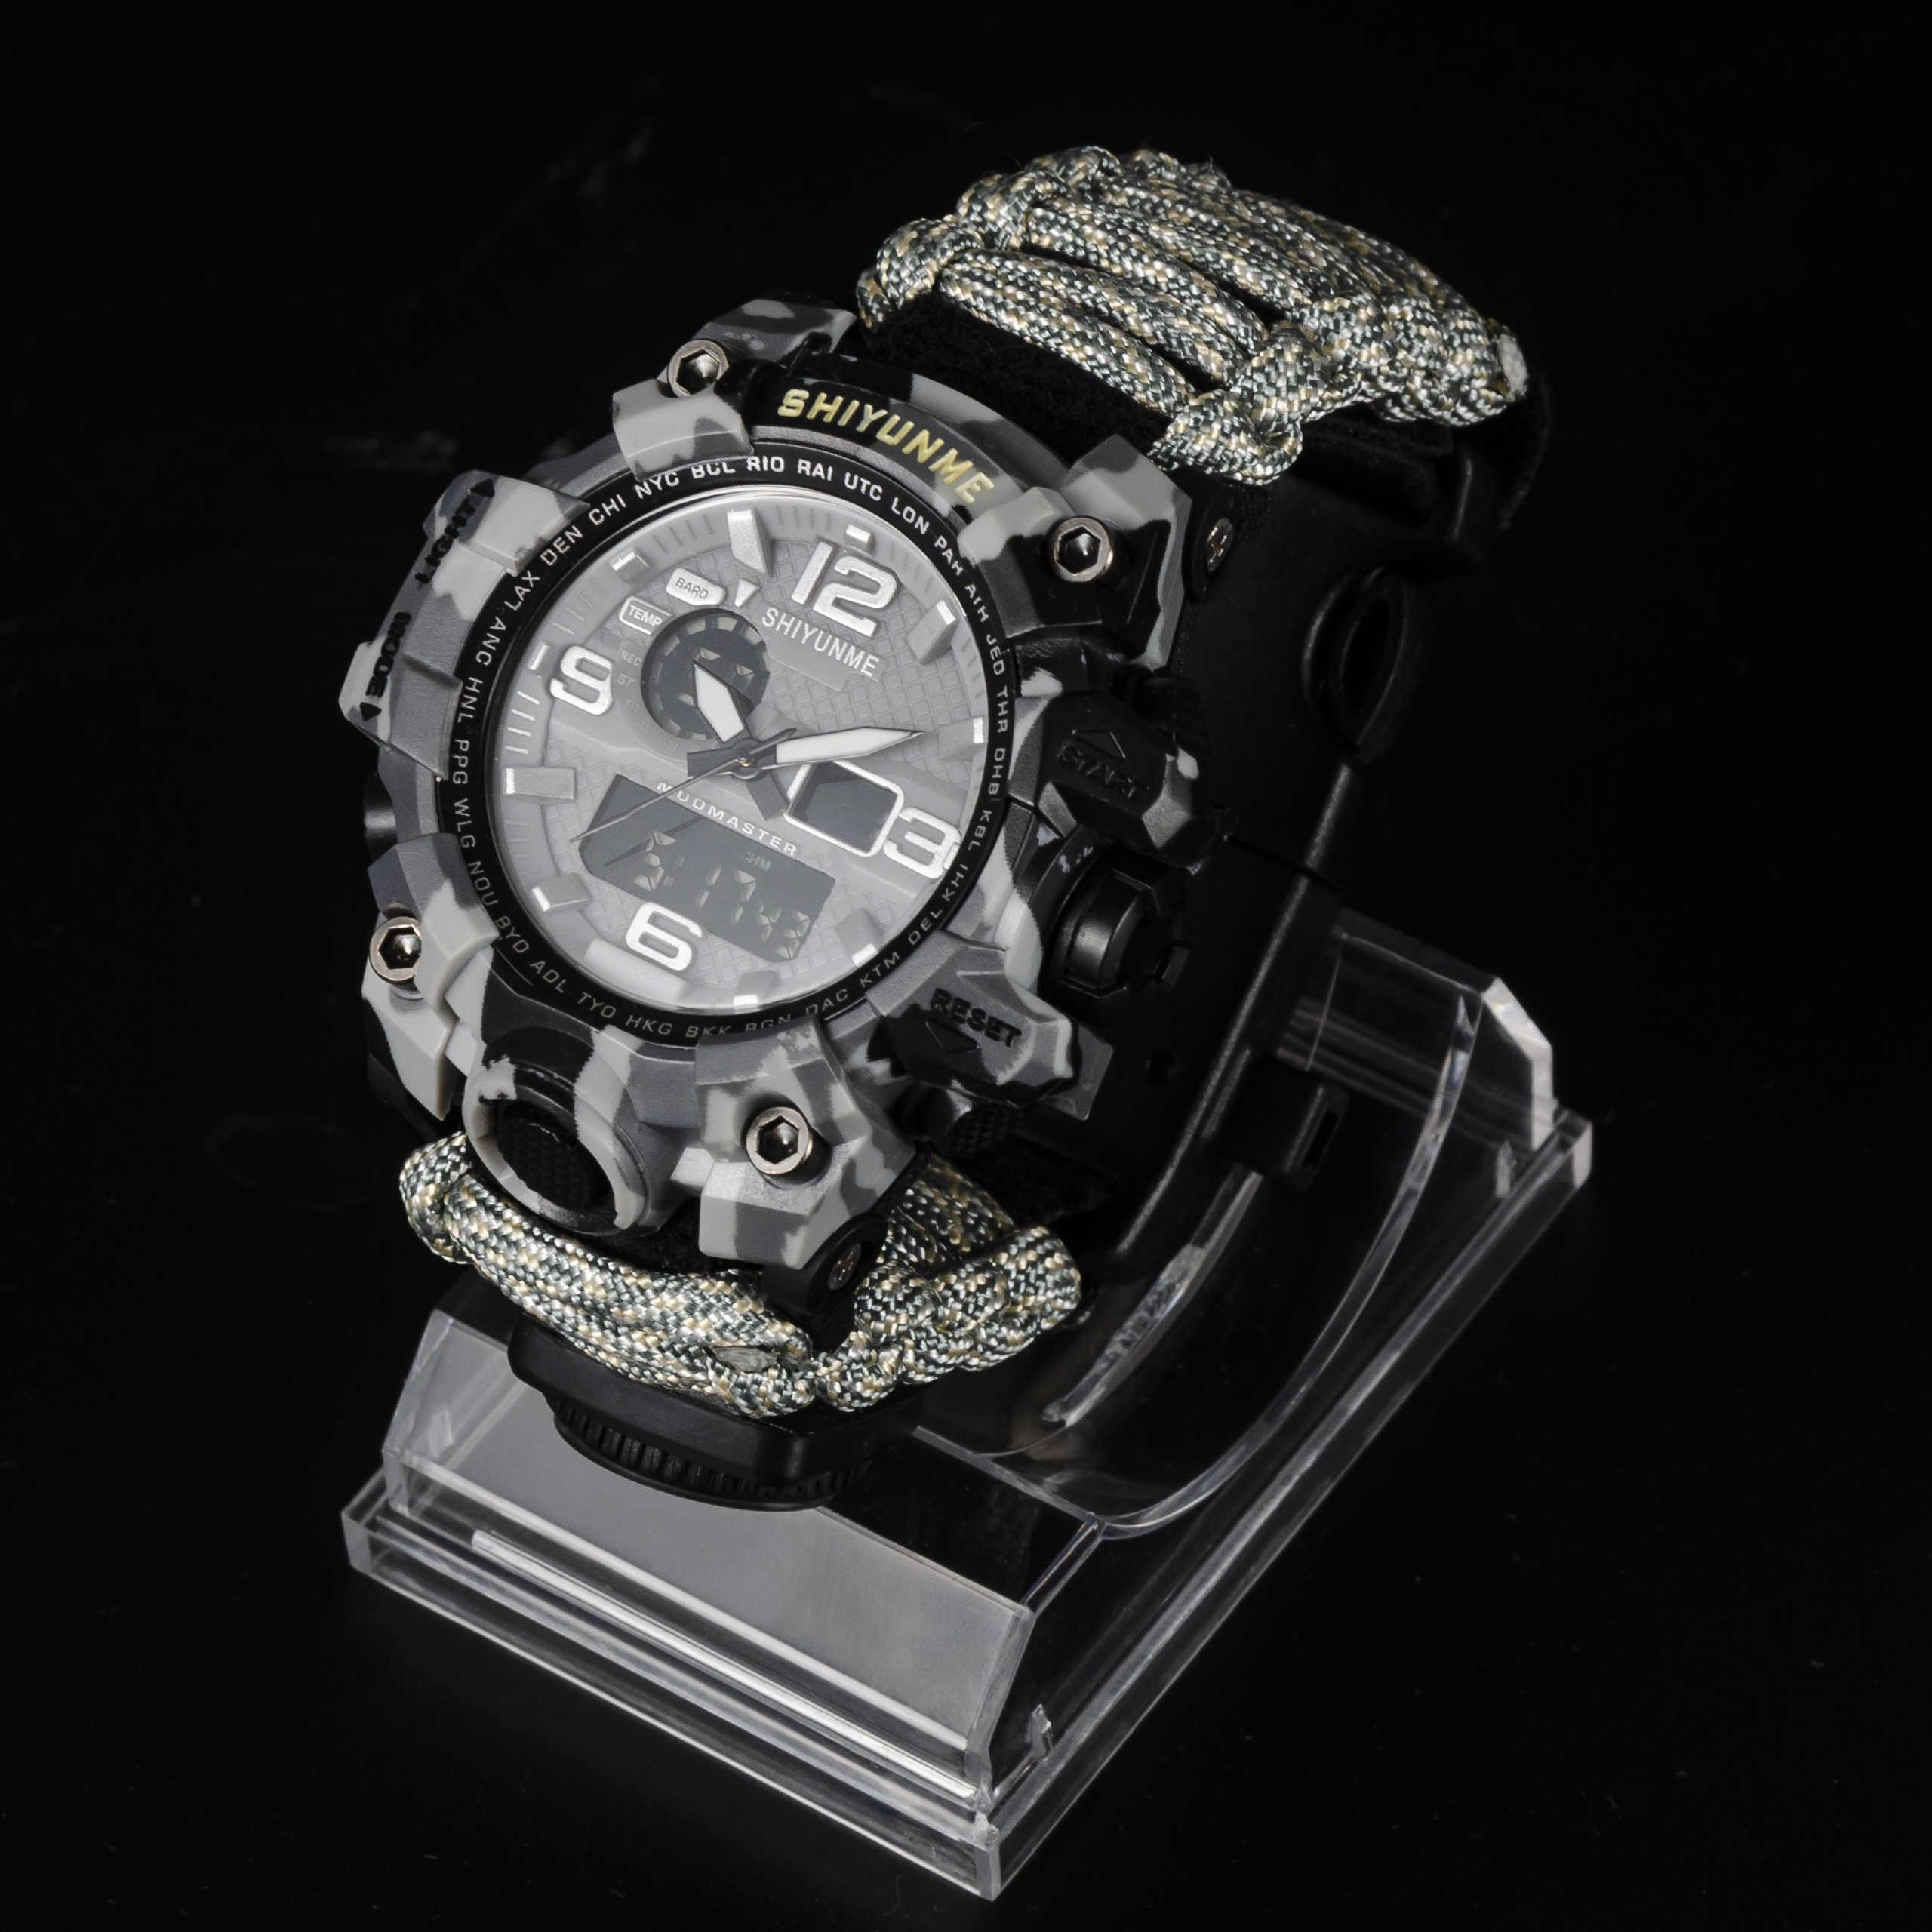 นาฬิกาเข็มทิศกีฬากลางแจ้งชายนาฬิกาทหารนาฬิกาควอตซ์ดิจิตอลเครื่องวัดอุณหภูมินาฬิกาข้อมือชายนาฬิกาจับเวลากันน้ำ Survival นาฬิกา